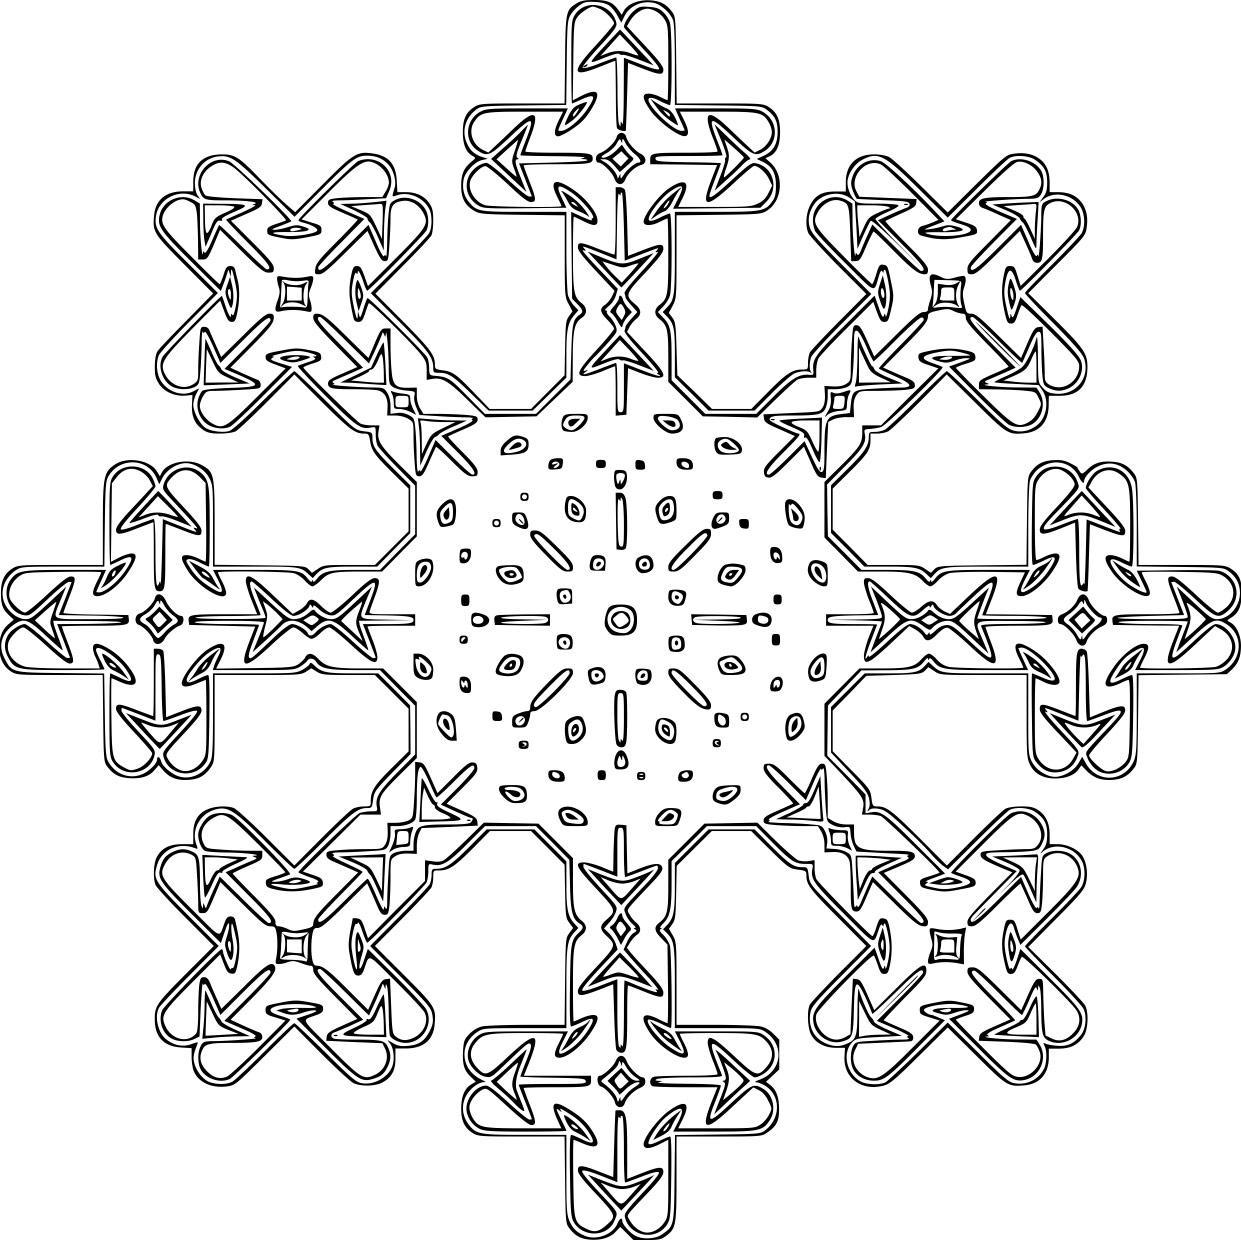 Malvorlage Schneeflocke - Kostenlose Ausmalbilder Zum